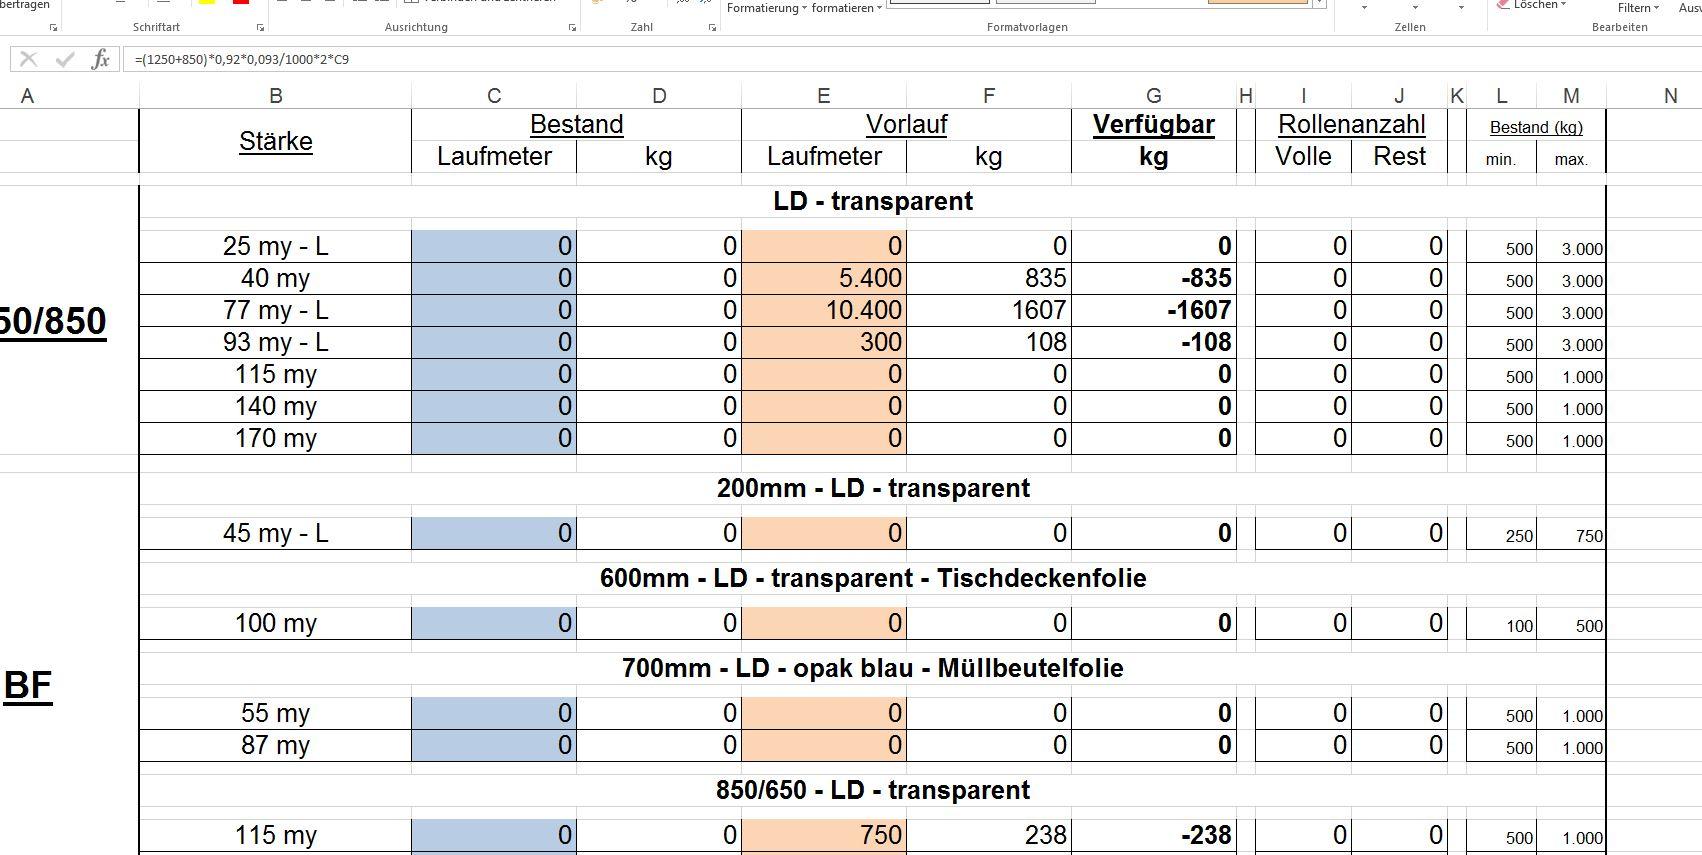 Zellen Eingabe sperren VBA? (Microsoft, Excel, Programmierung)